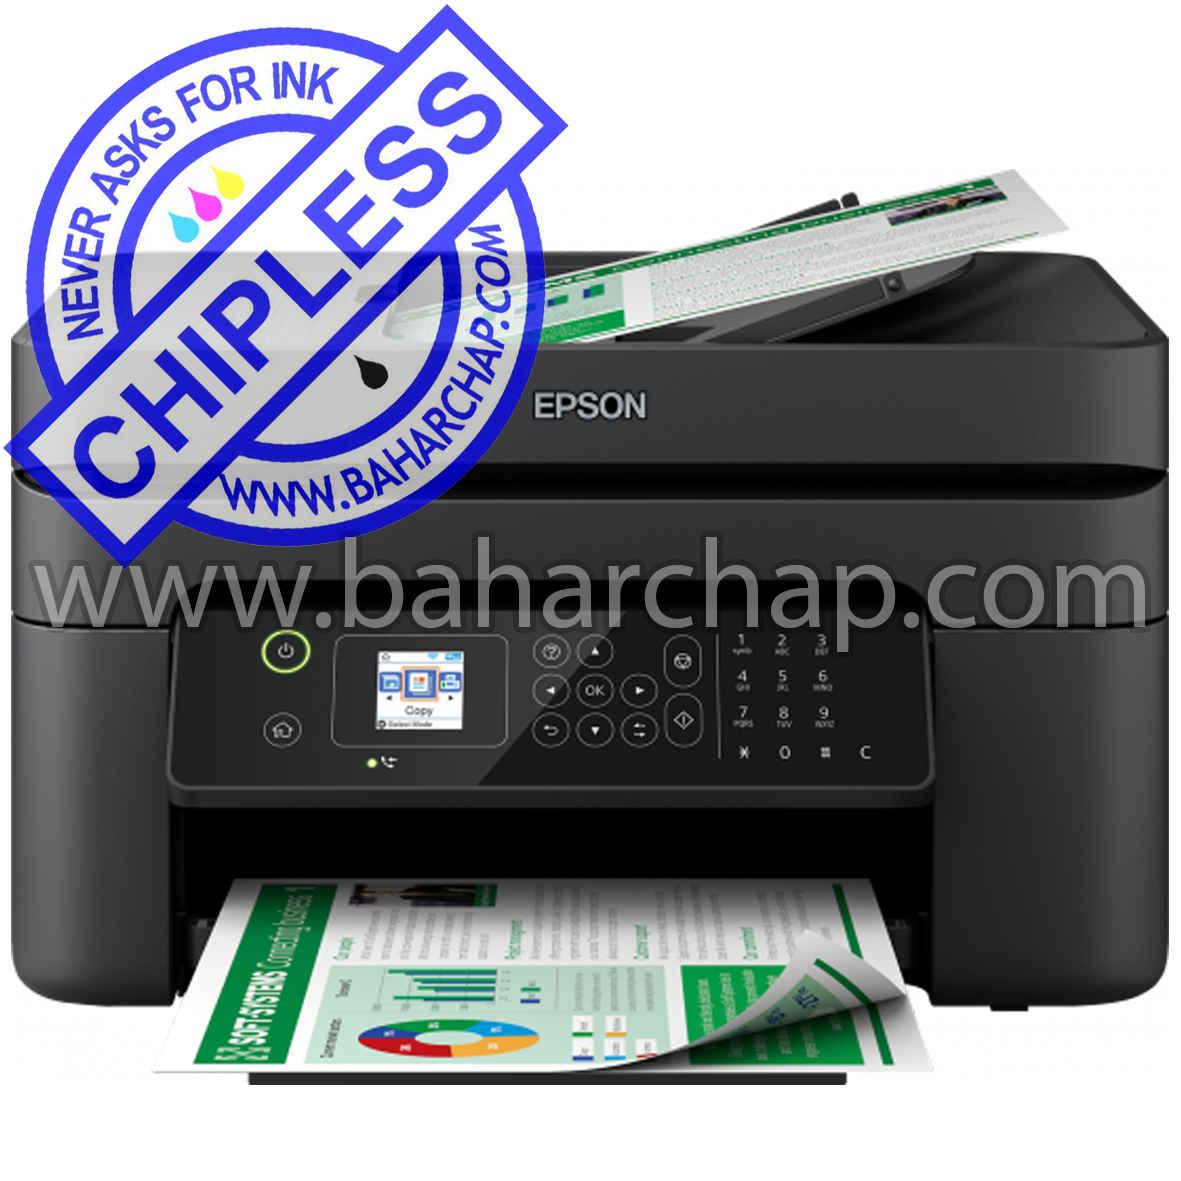 فروشگاه و خدمات اینترنتی بهارچاپ اصفهان-بدون چیپ کردن اپسون WF2830-DWF-epson WF2830-DWFchipless firmware